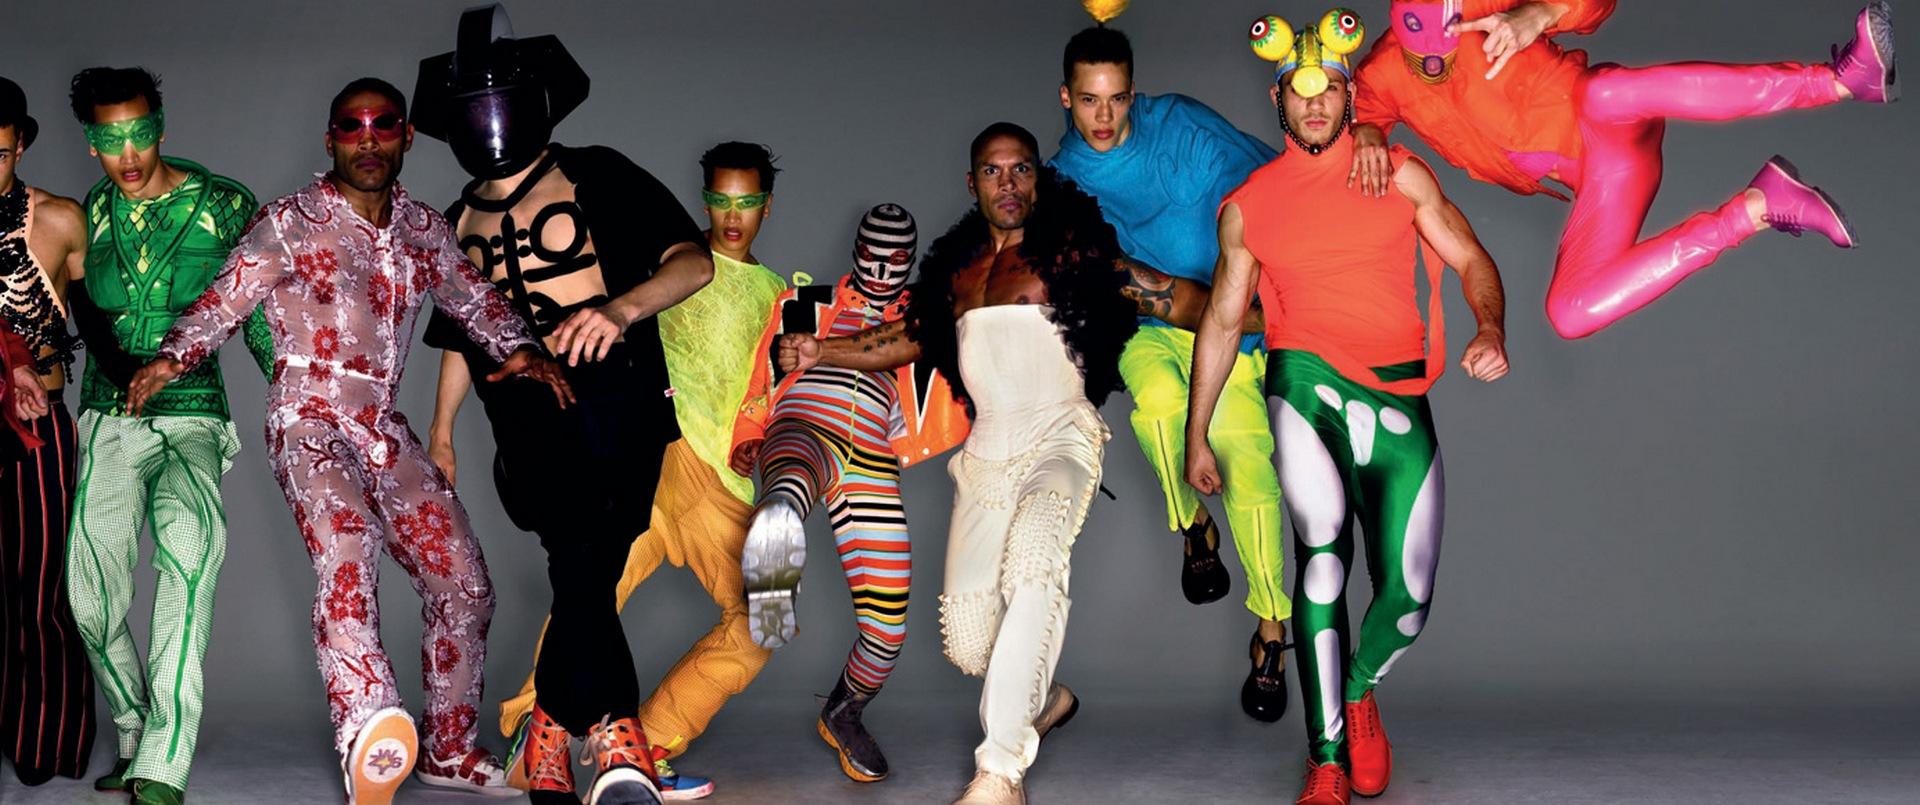 одежда бельгийских дизайнеров